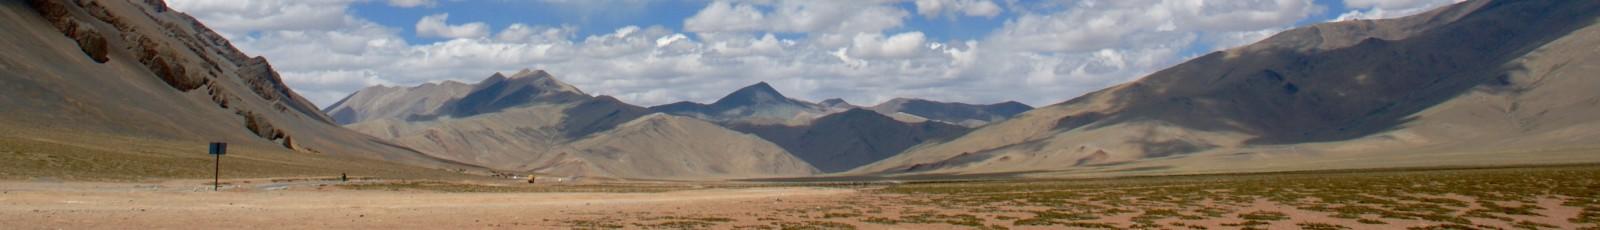 cropped-2012-07-20-MM-Keylong-naar-Srinagar-2.jpg